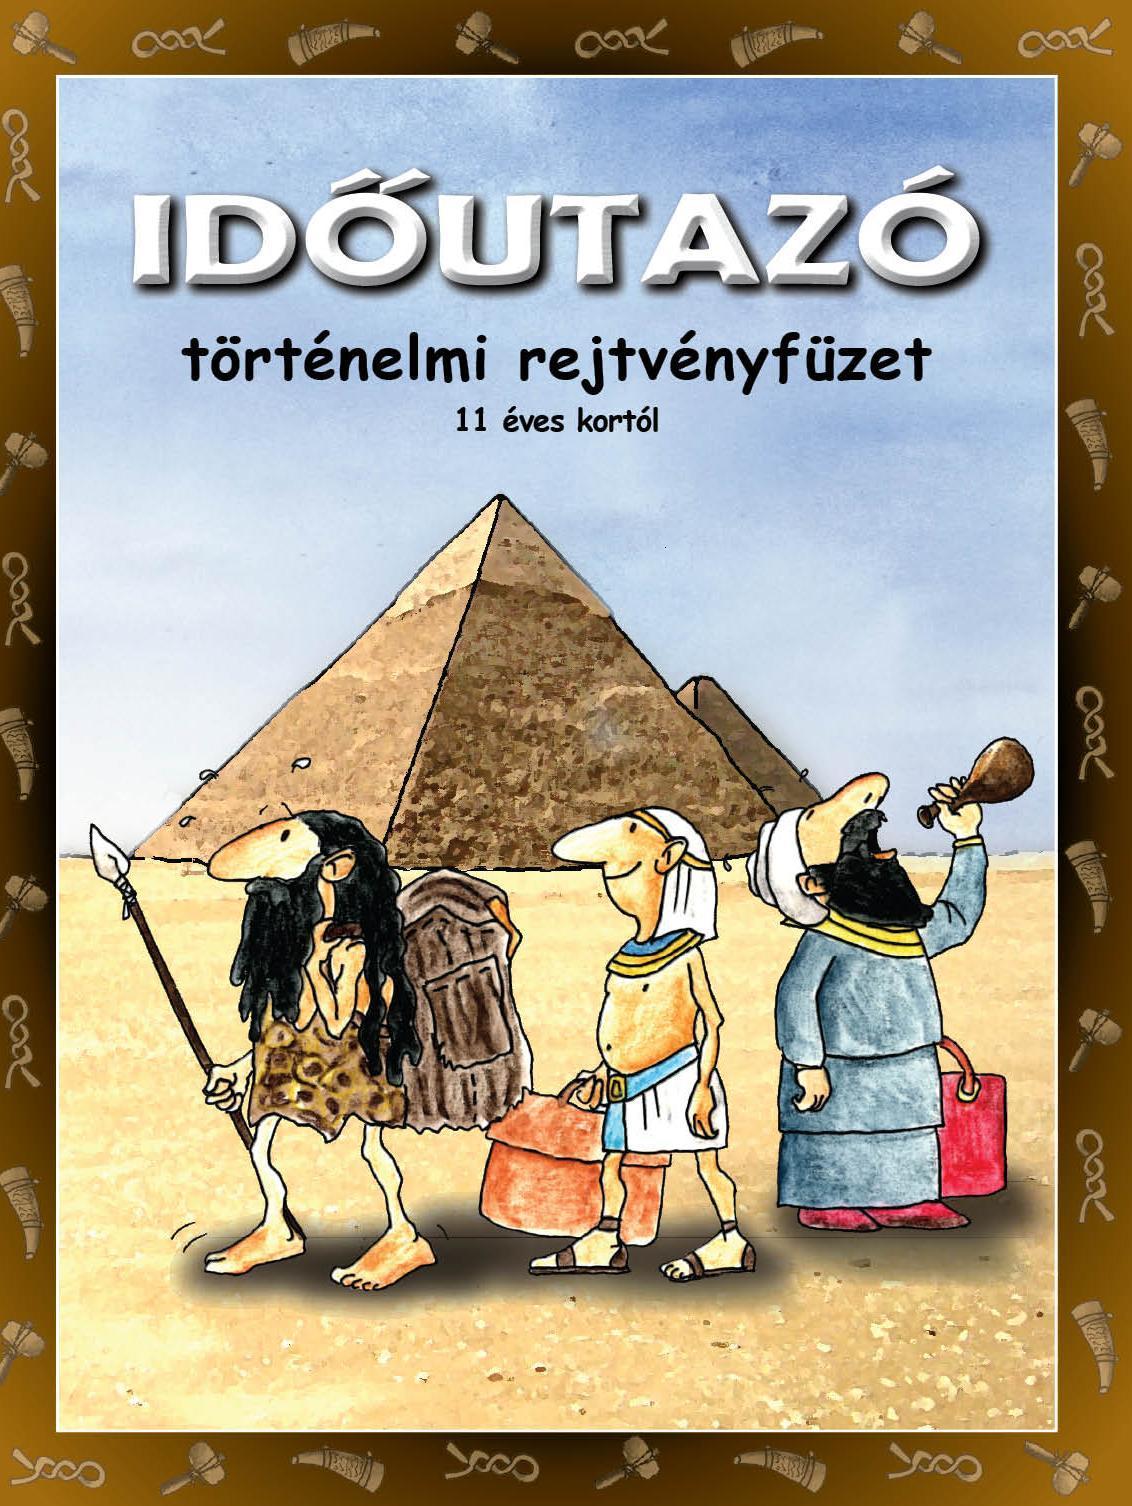 IDÕUTAZÓ - TÖRTÉNELMI REJTVÉNYFÜZET 11 ÉVES KORTÓL